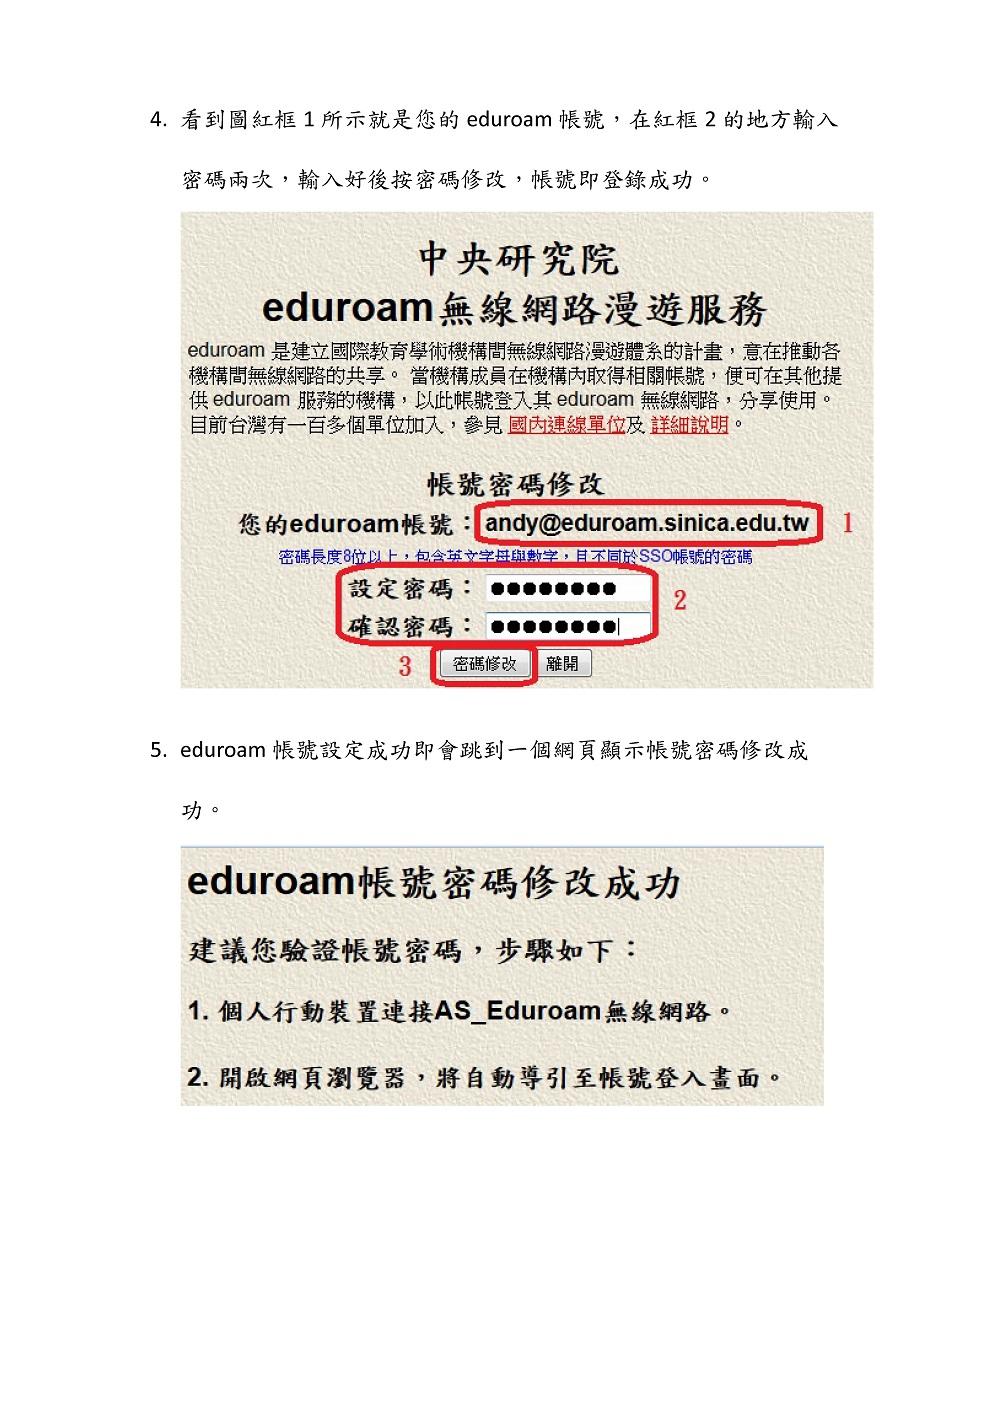 eduroam_2